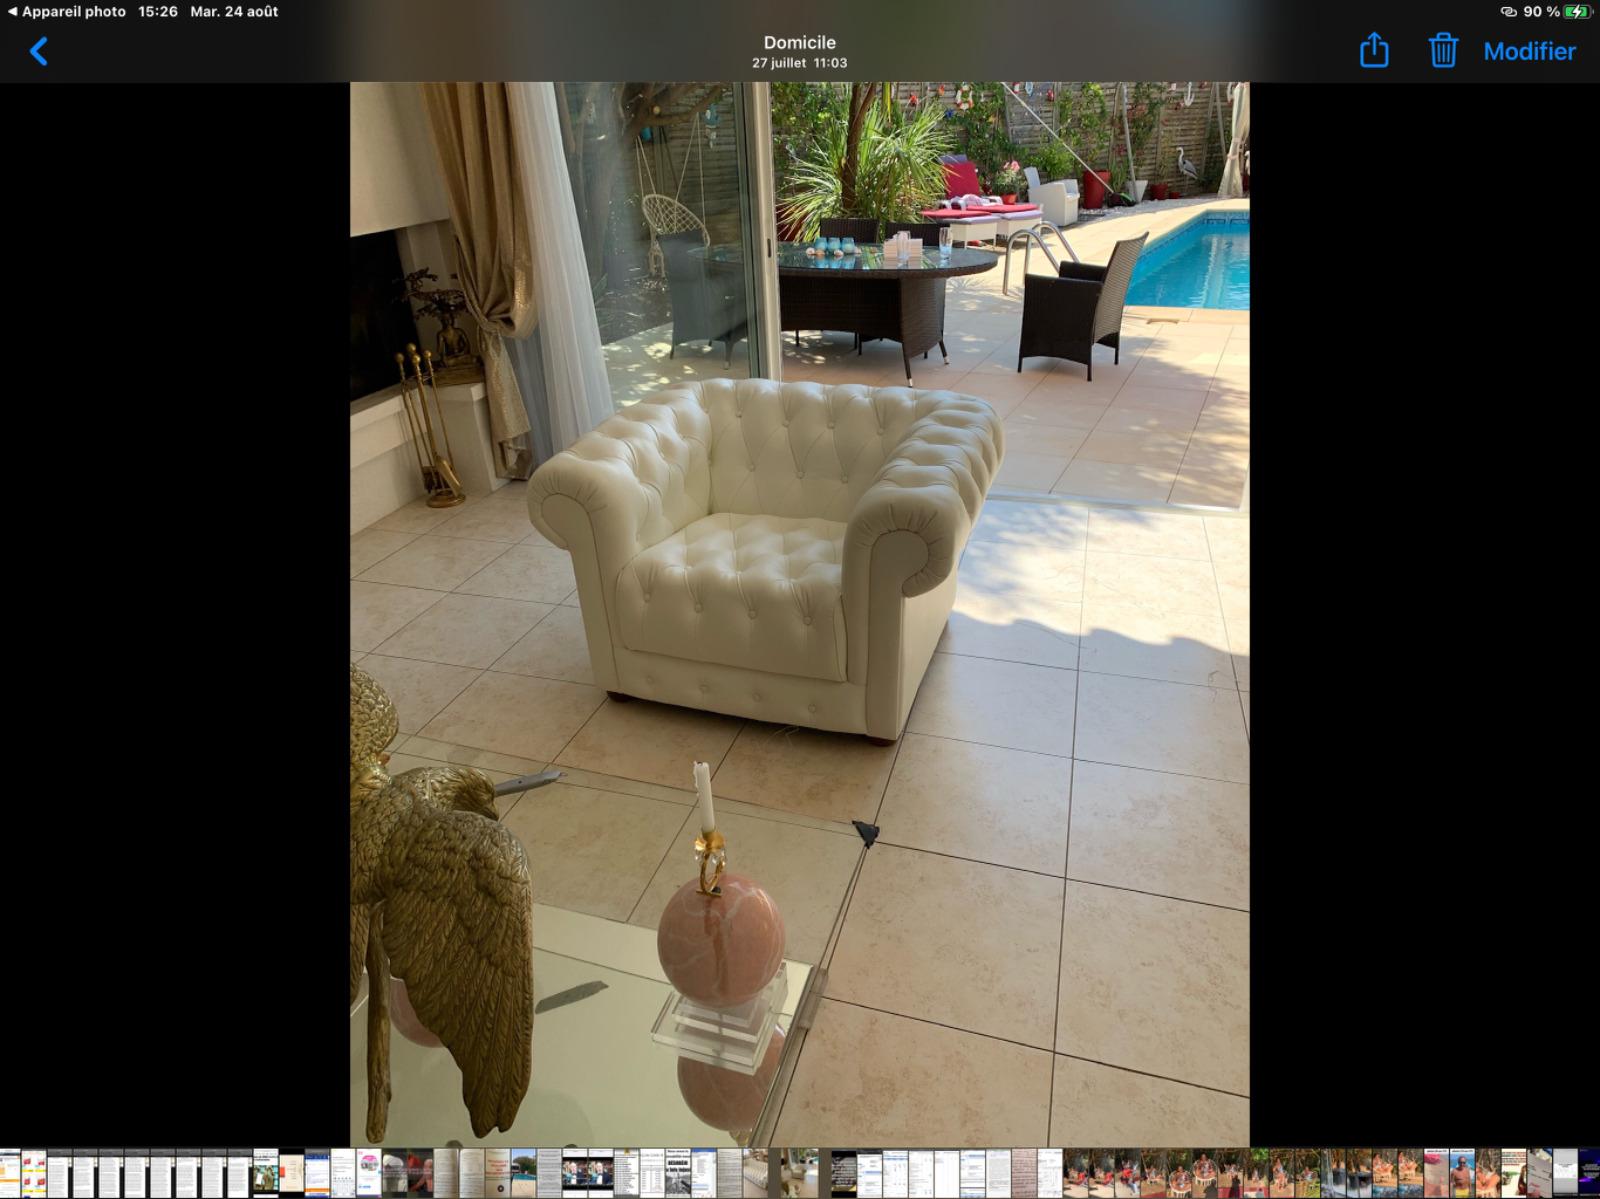 vente Viager H65ans Maison 250 m2 Sud-est de la France grande piscine